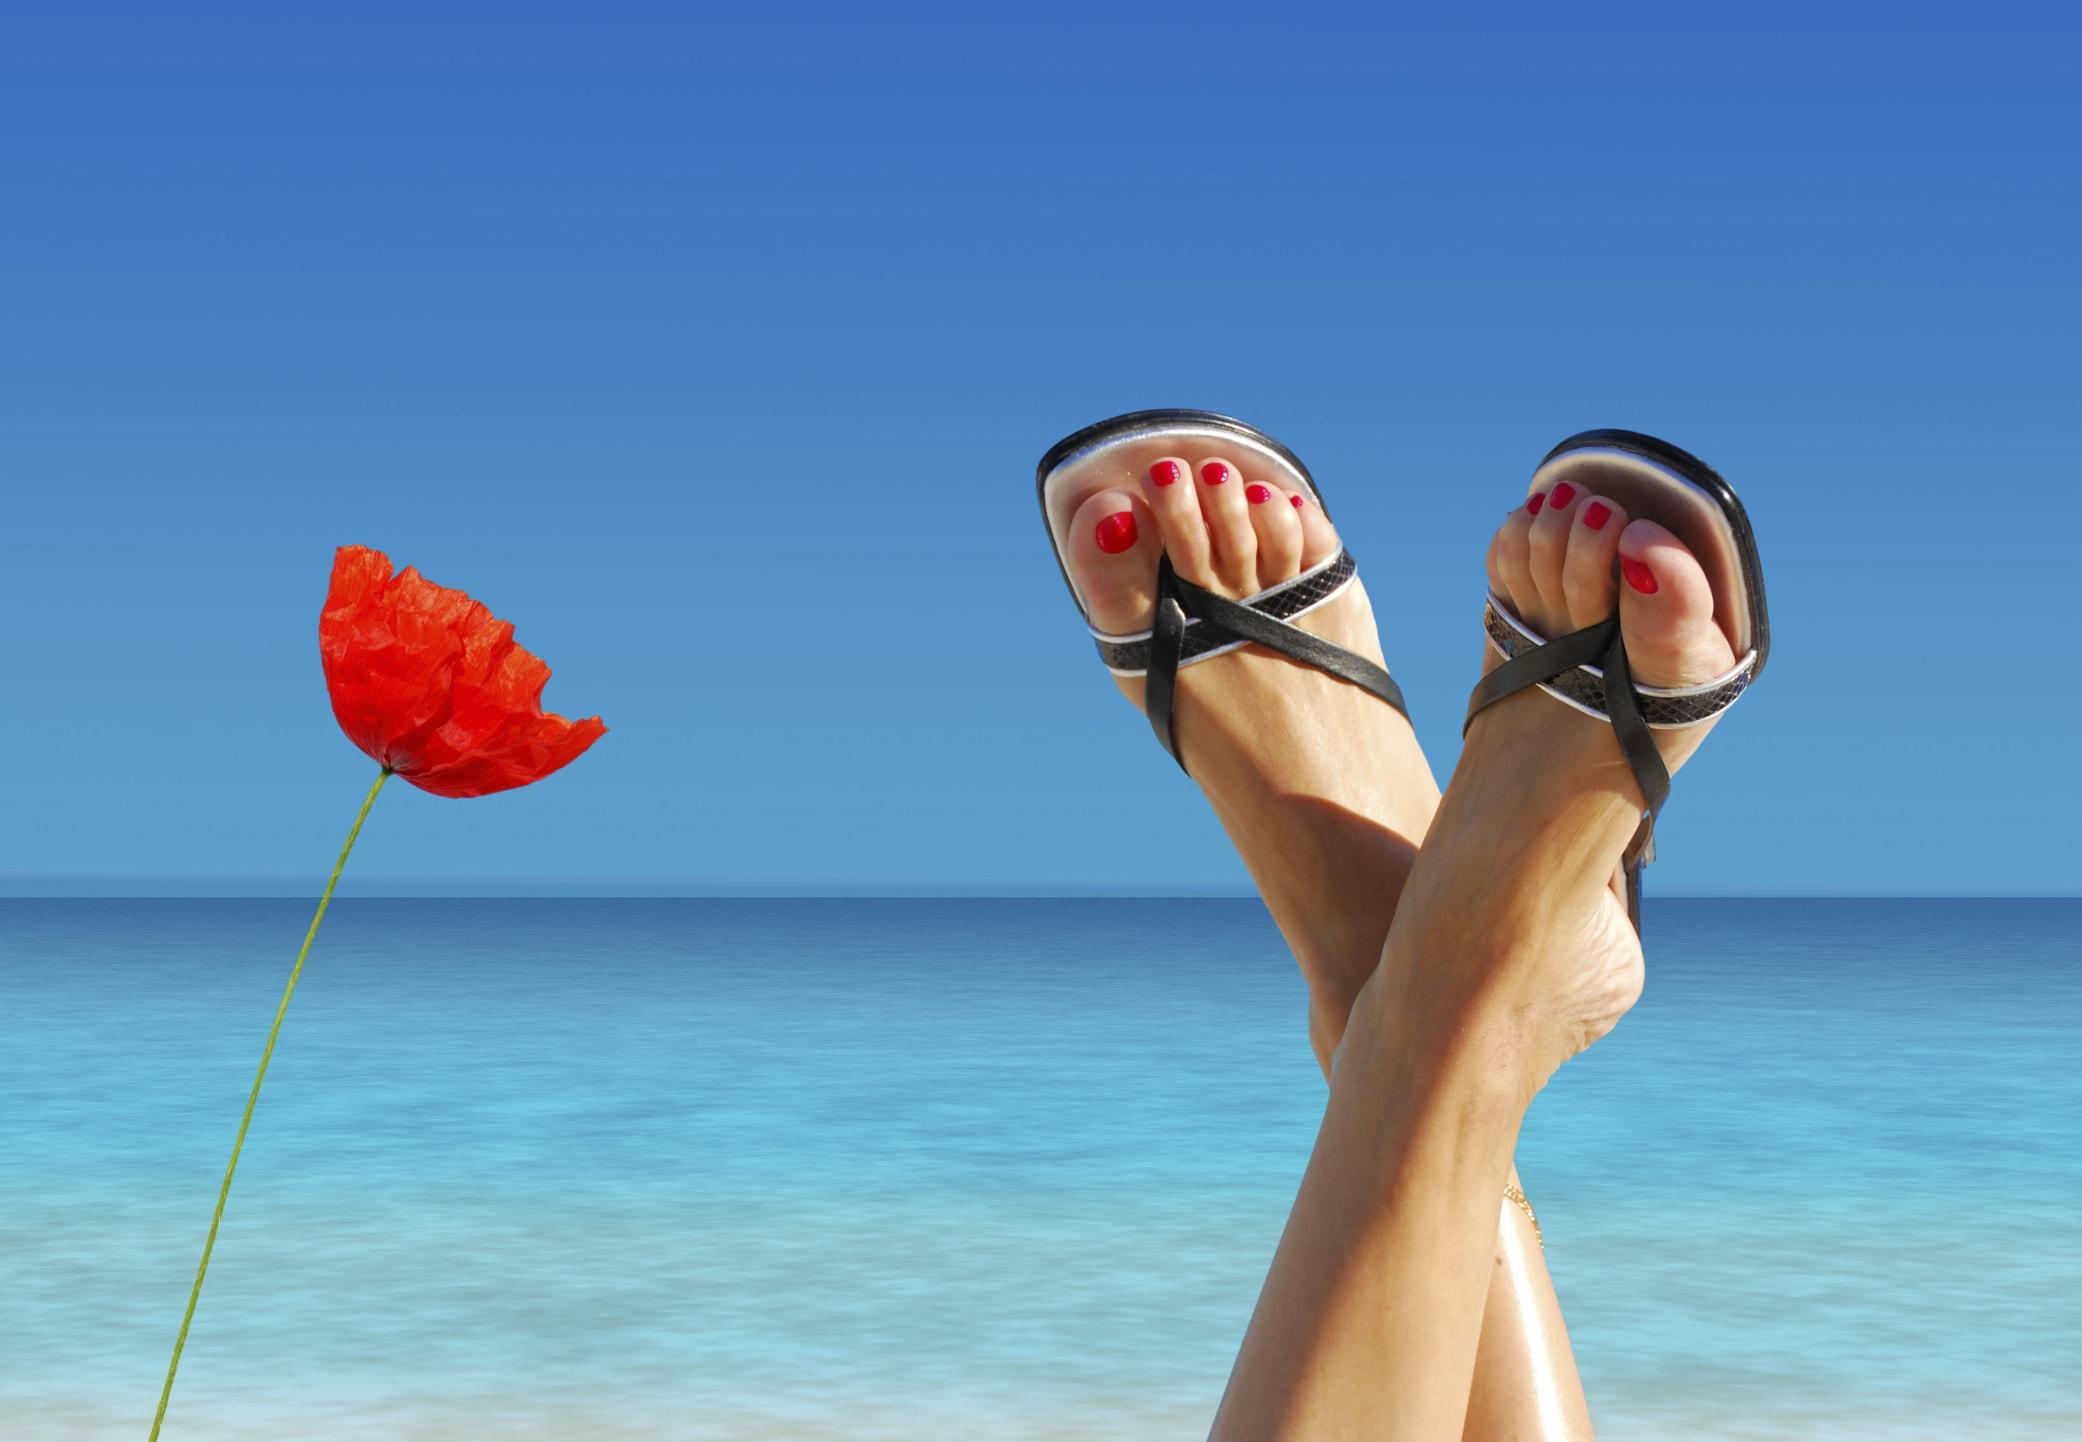 Необходимо ухаживать за ногами, чтобы не появились натоптыши